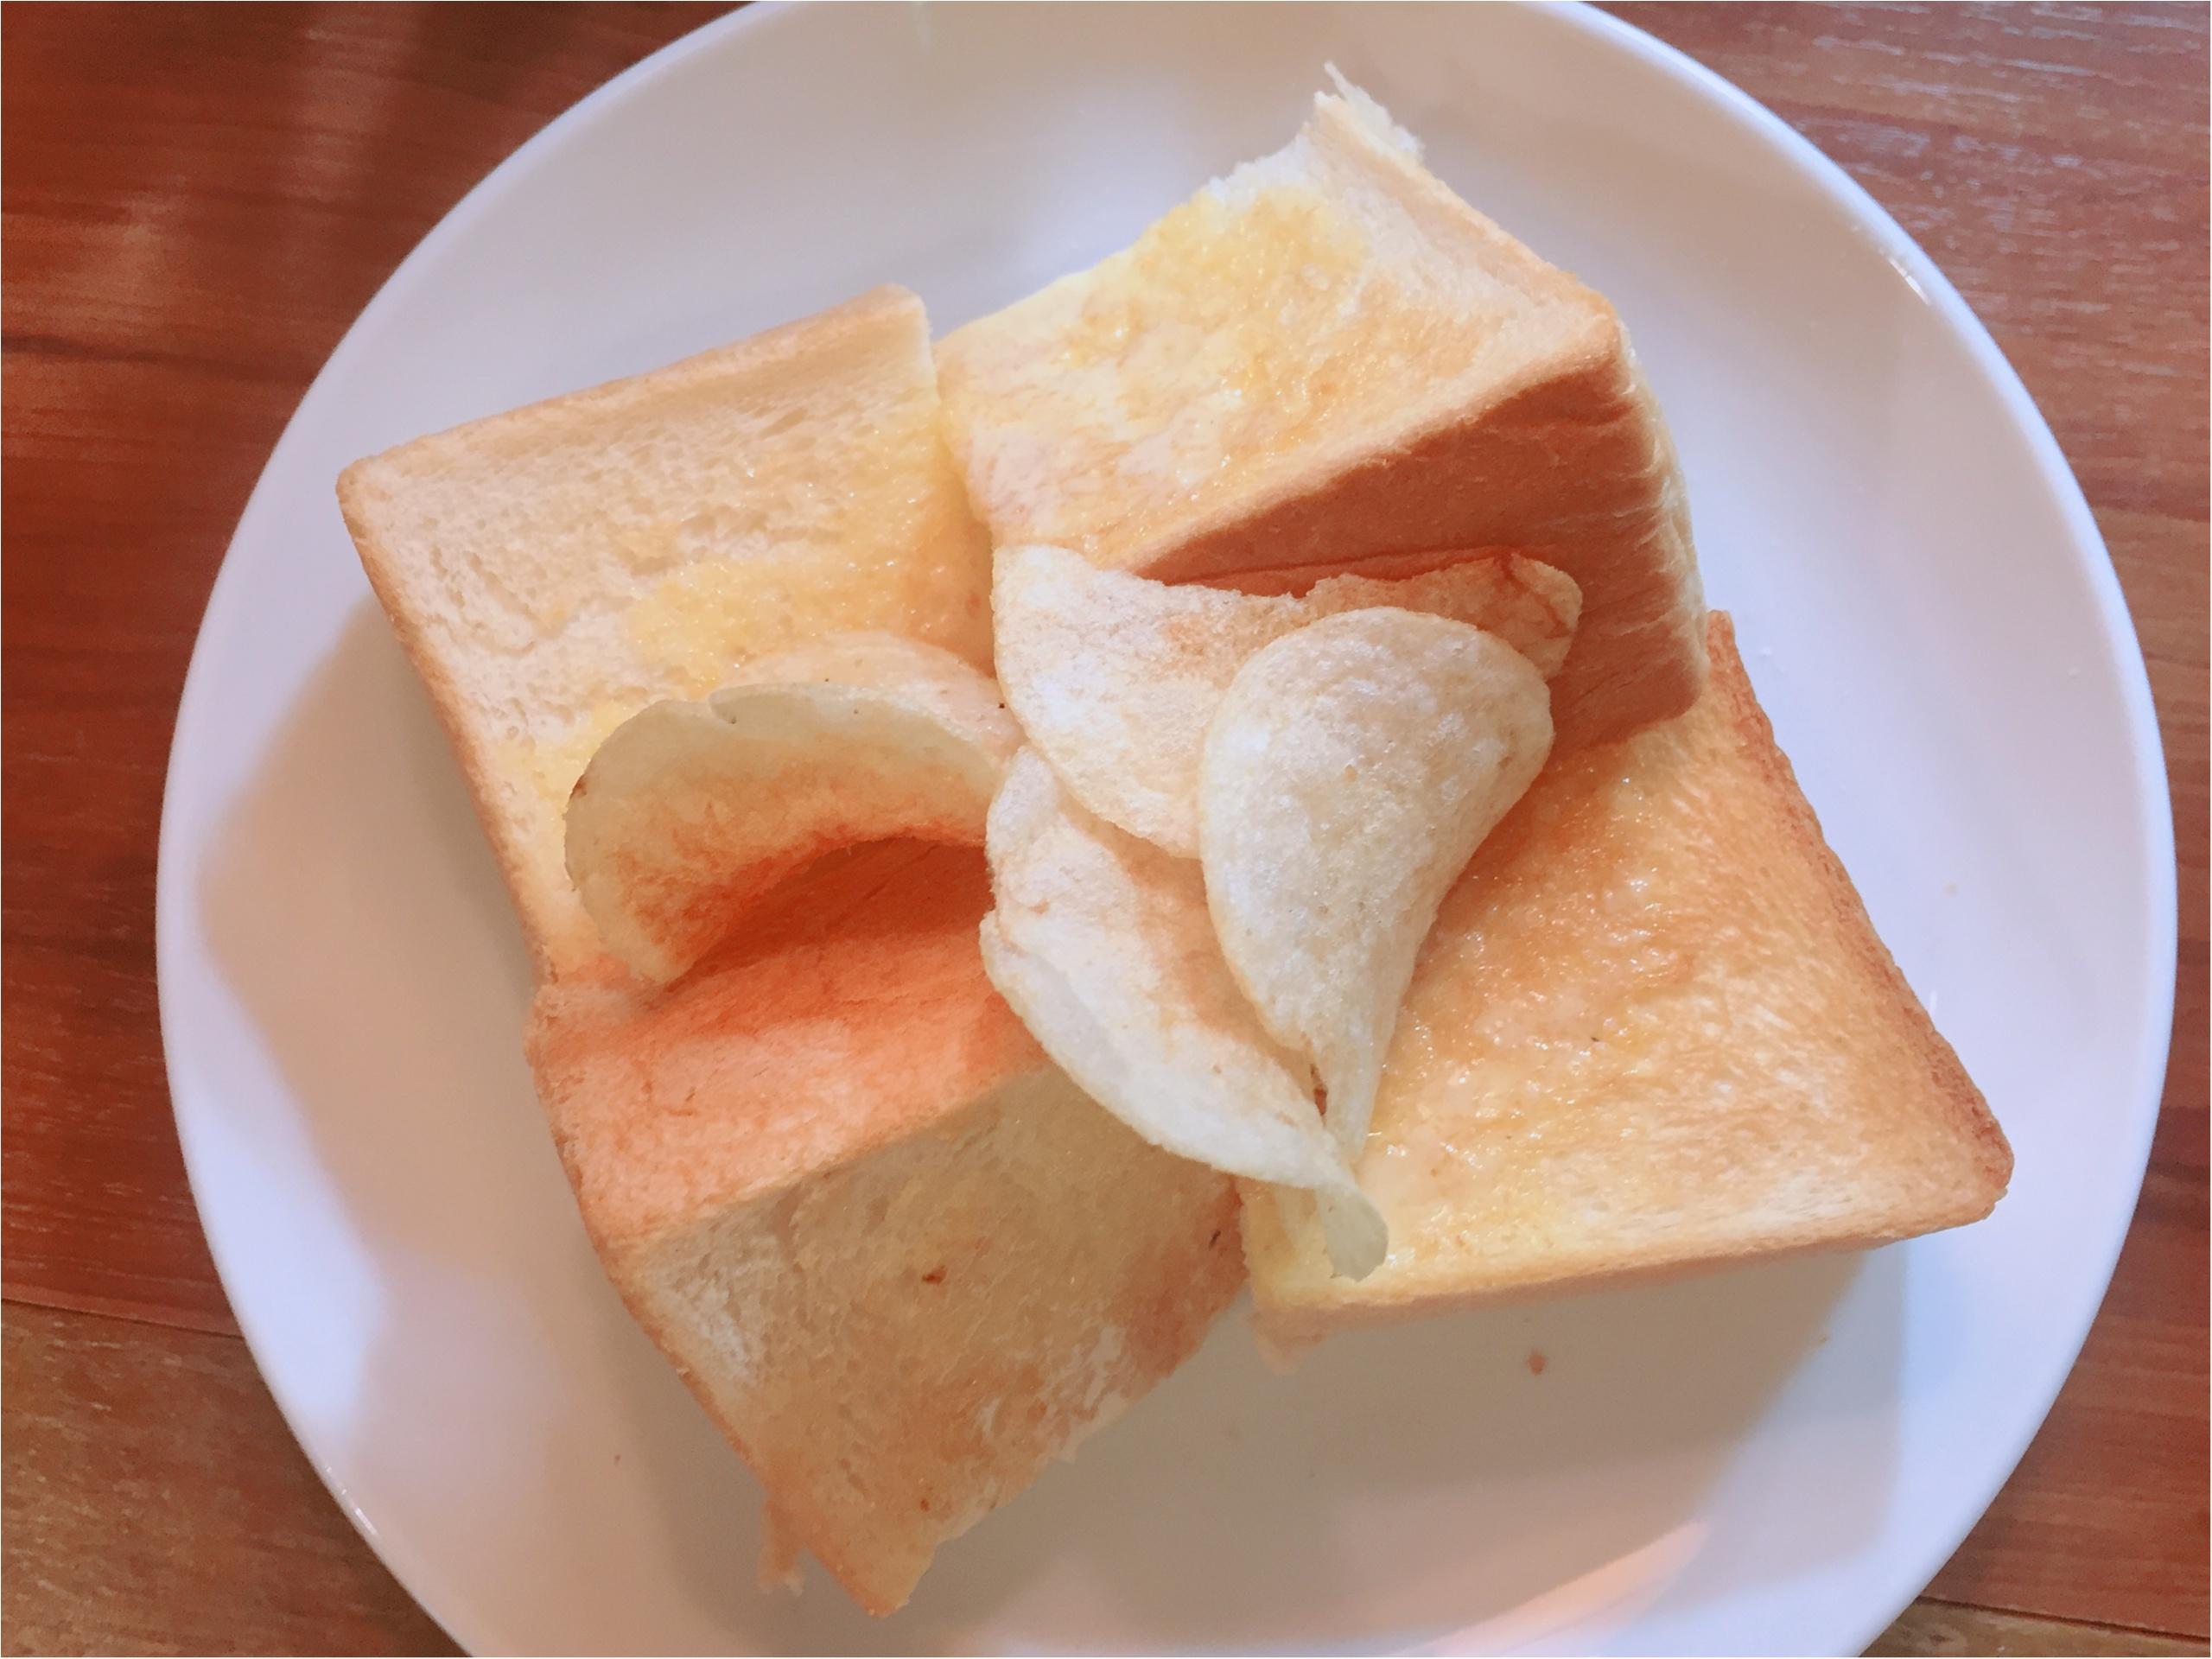 【名古屋グルメ】喫茶店「アバンテ」のトースト♡名駅内でサクッと軽食に◎_4